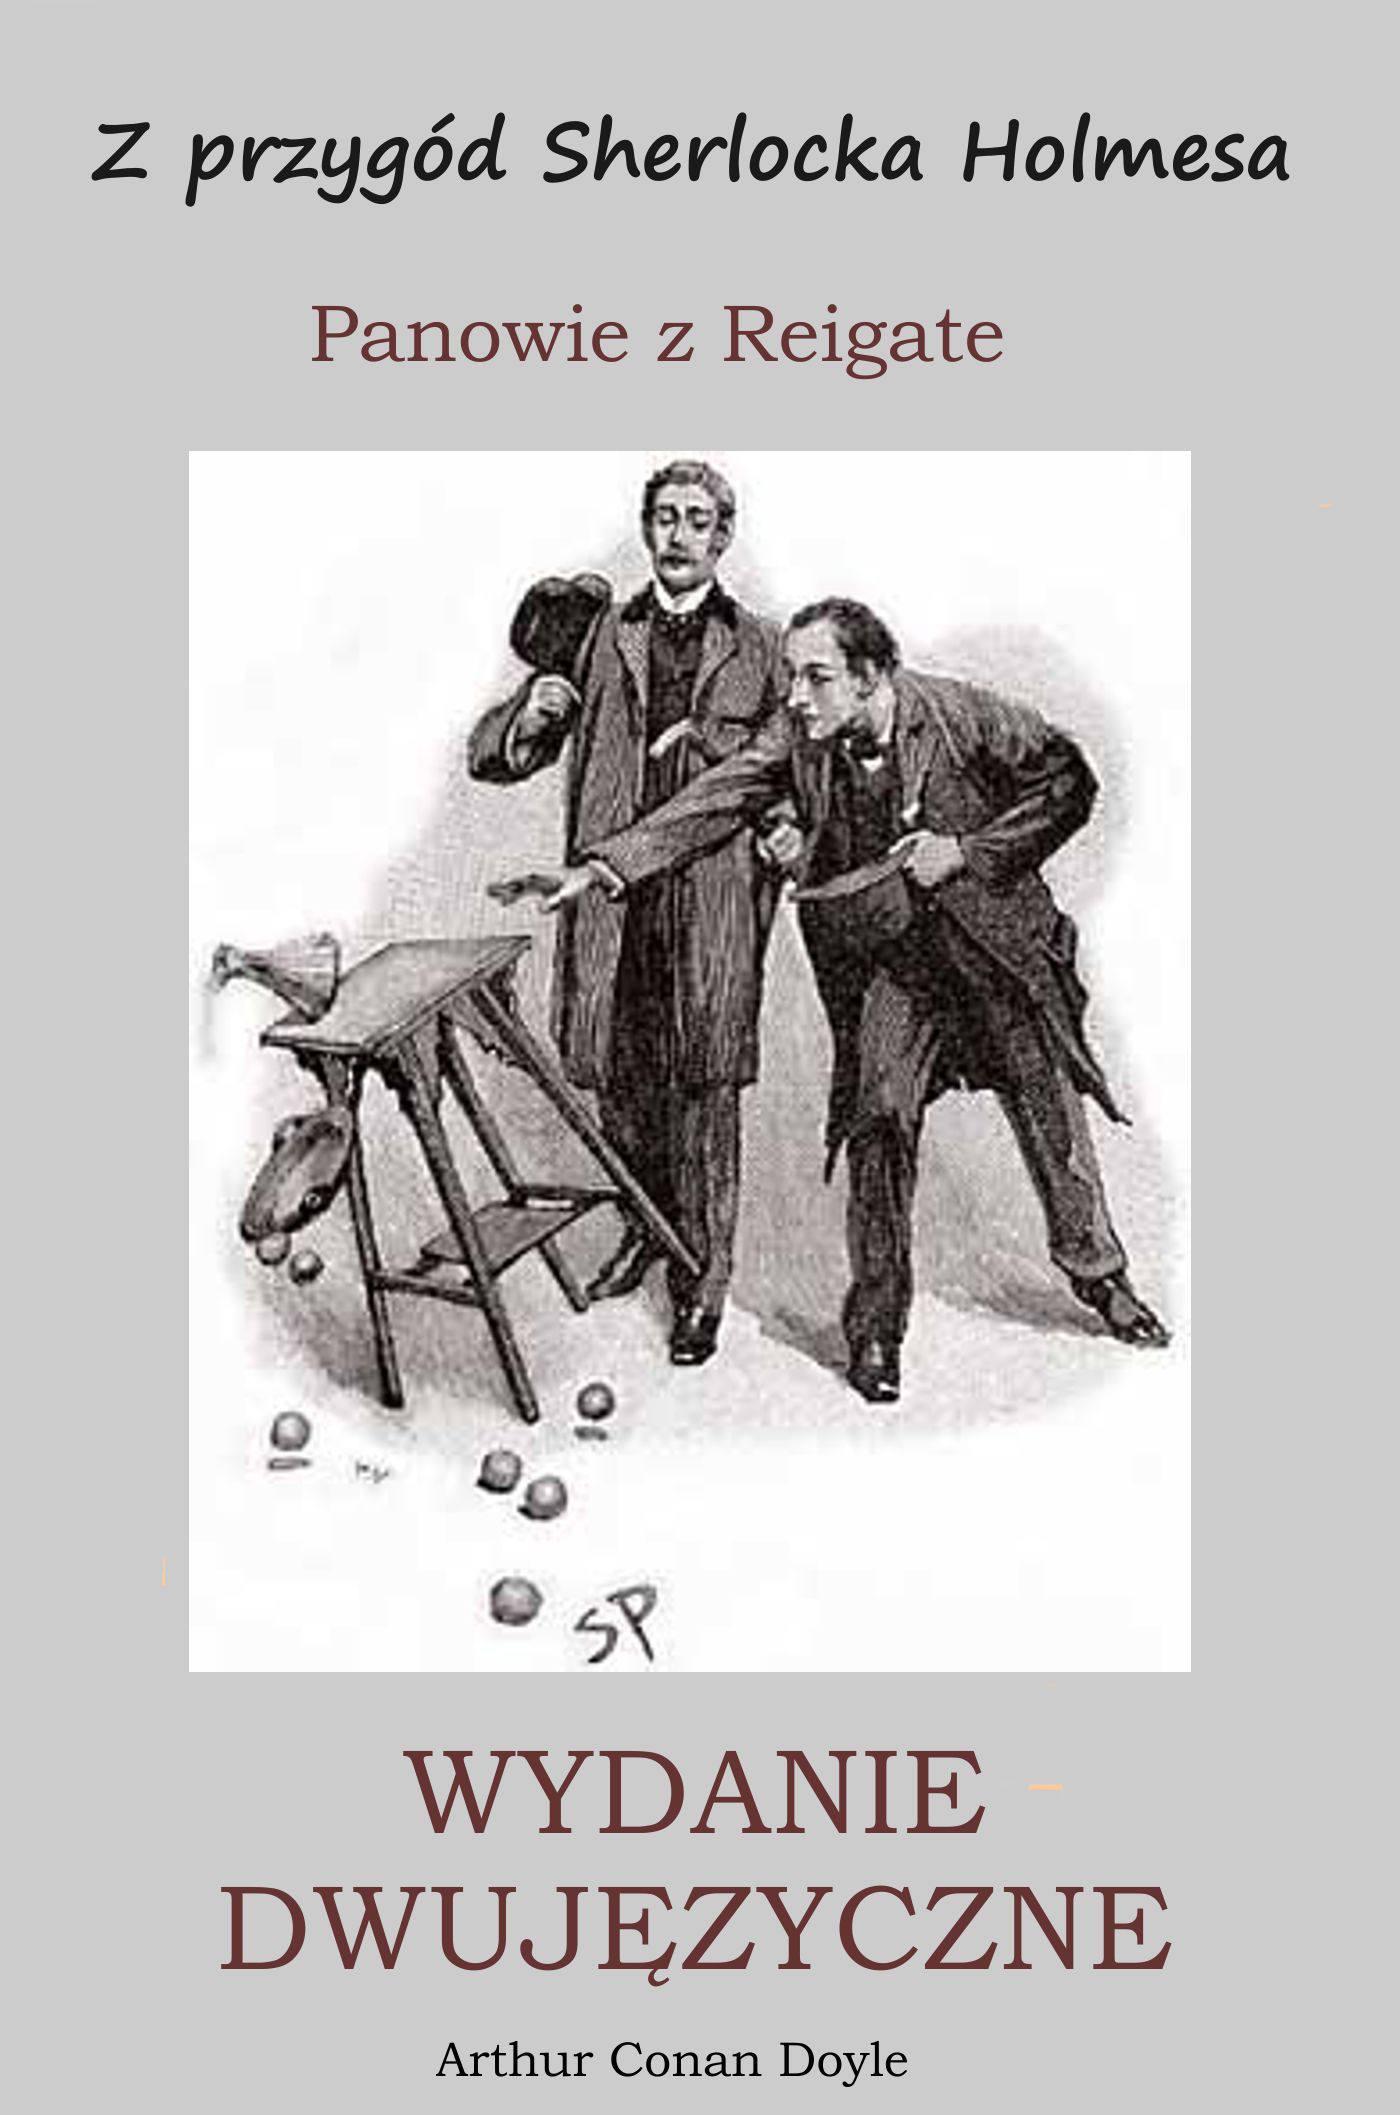 Z przygód Sherlocka Holmesa. Panowie z Reigate. Wydanie dwujęzyczne - Ebook (Książka PDF) do pobrania w formacie PDF